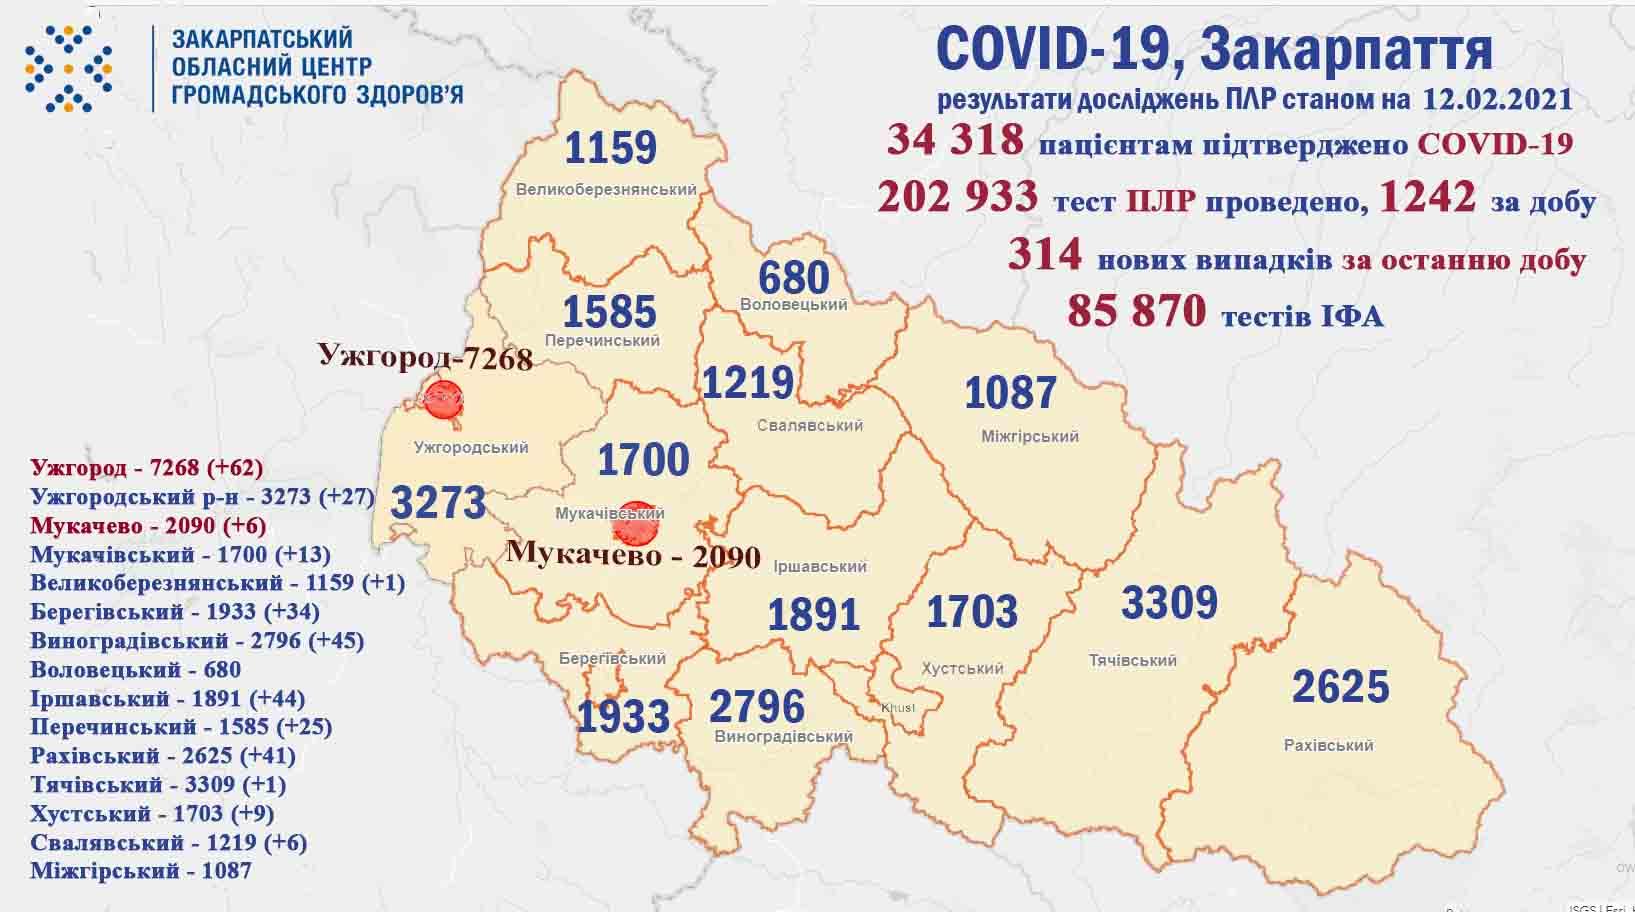 Кілька сотень хворих та четверо померлих: статистика COVID-19 на Закарпатті за добу